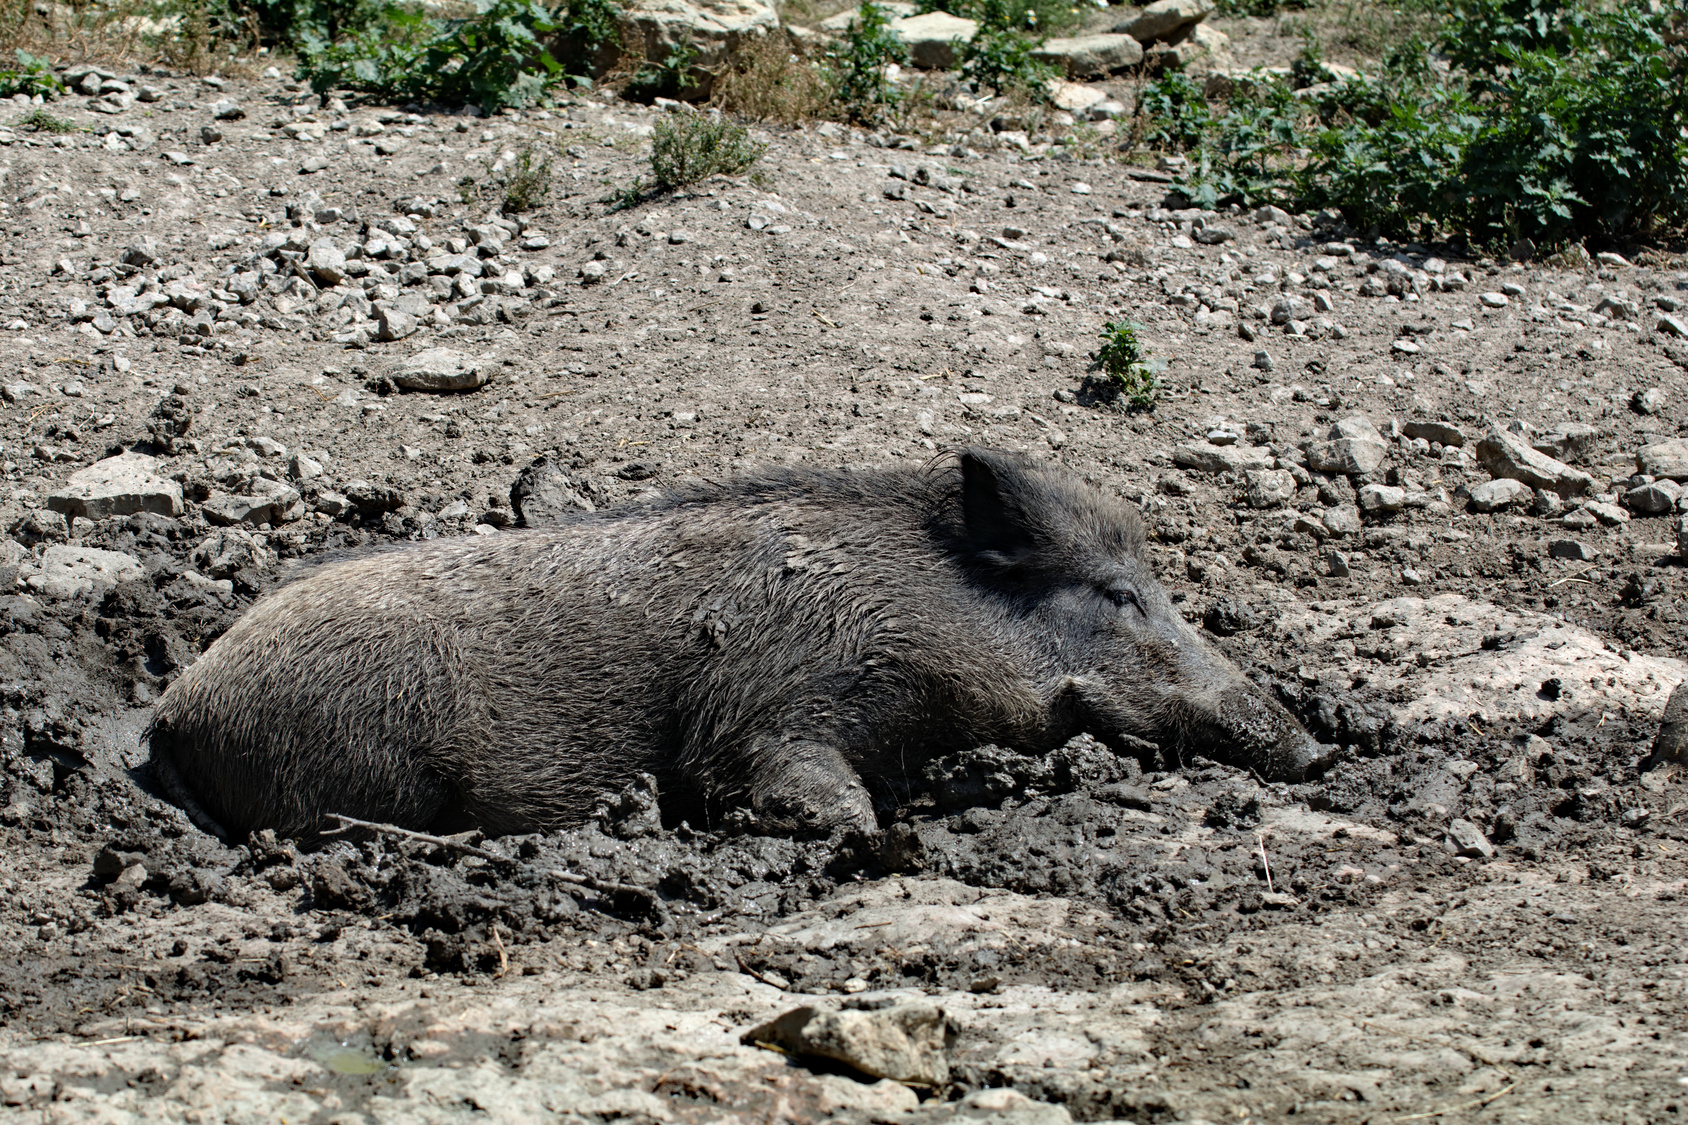 Wildschwein in der Suhle